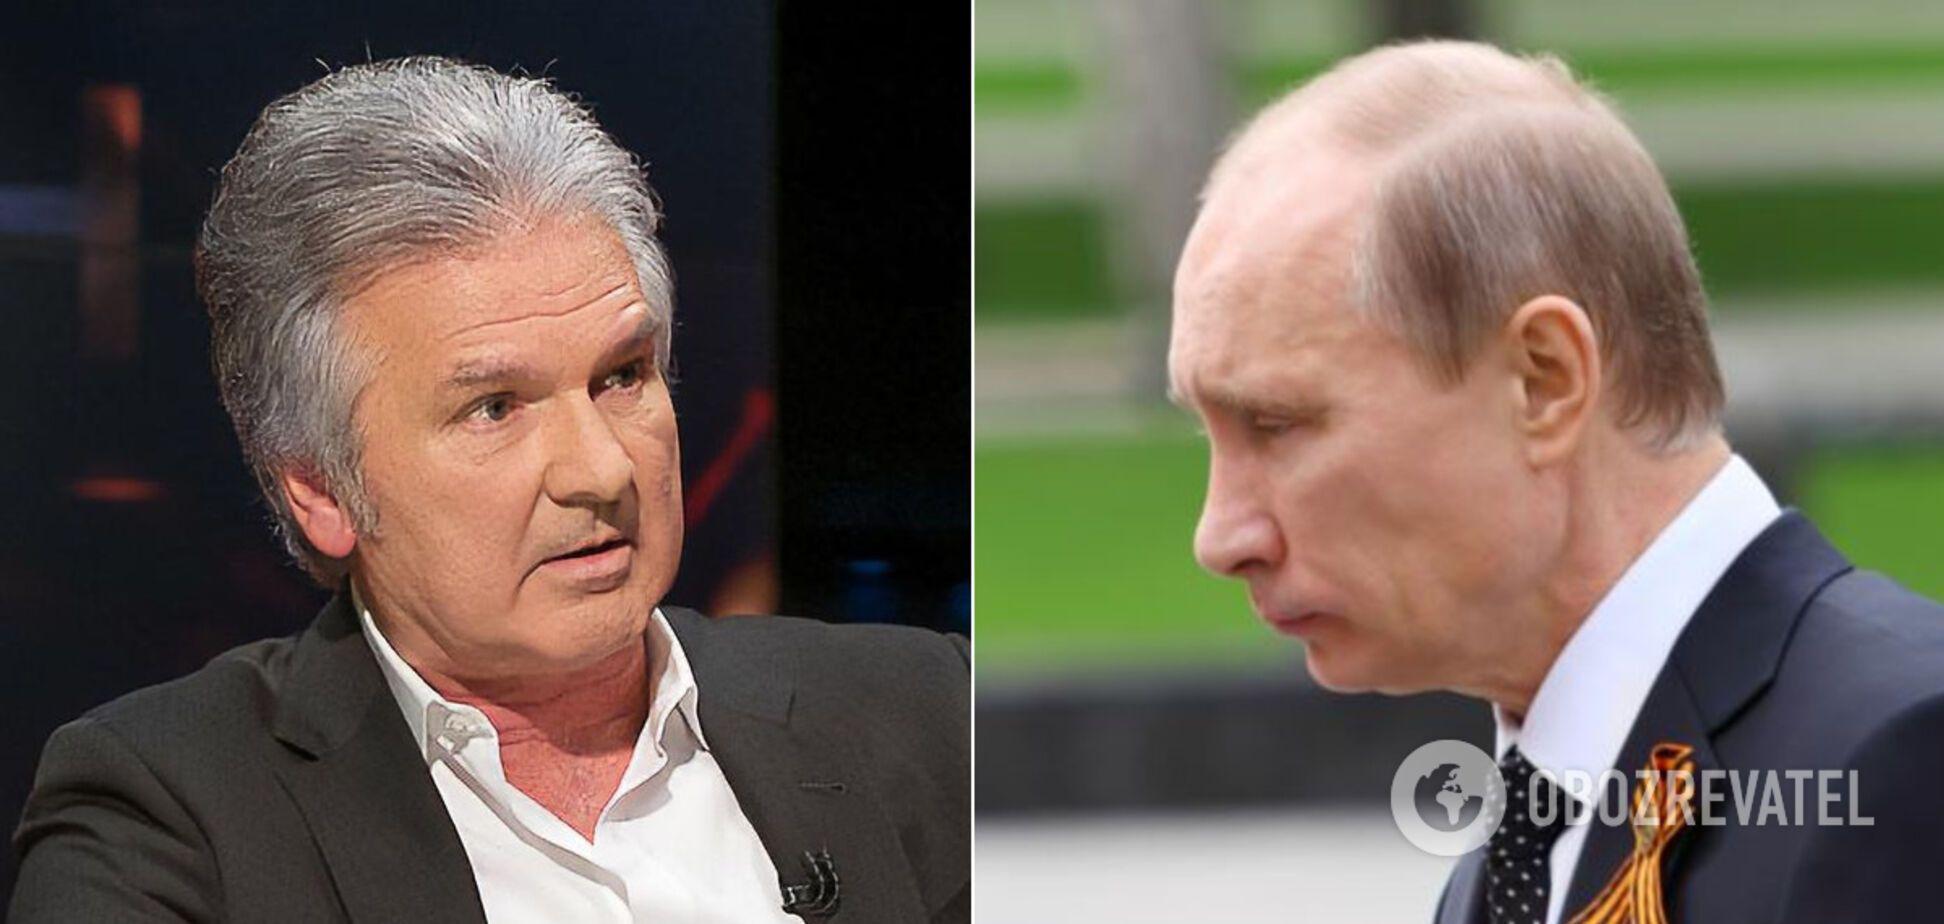 Однокурсник Путіна розсекретив його можливу хворобу